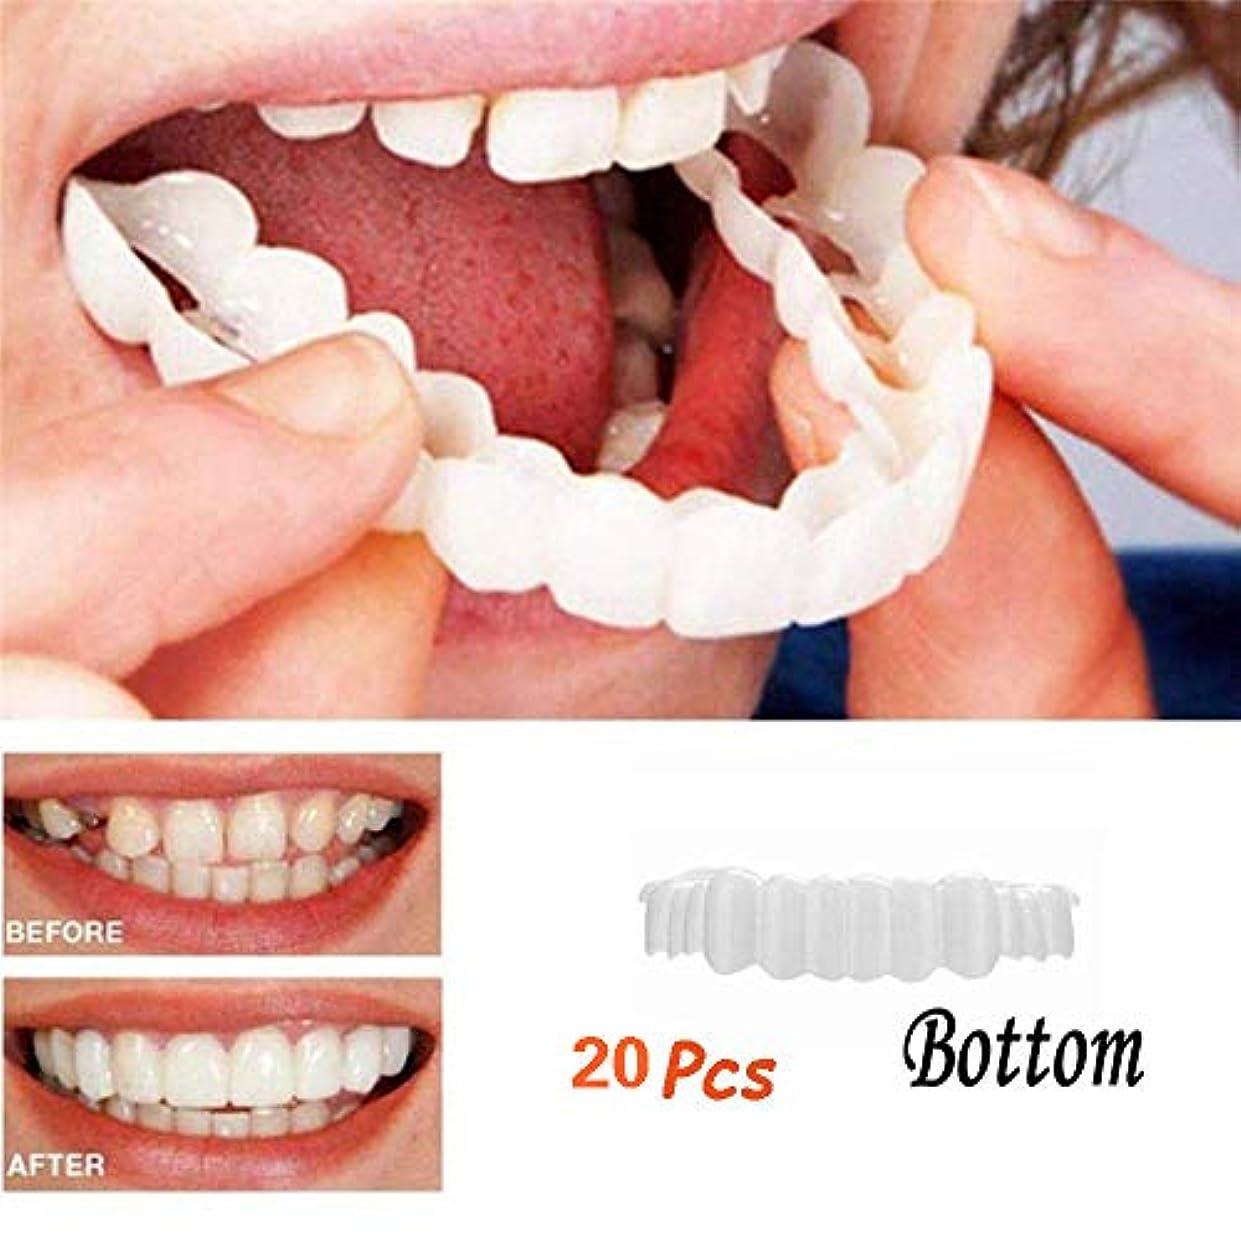 カンガルーサロン褐色ボトム化粧品歯コンフォートフィットフレックス化粧品歯コーブ義歯歯磨き粉インスタントスマイルサイズにぴったり-20個